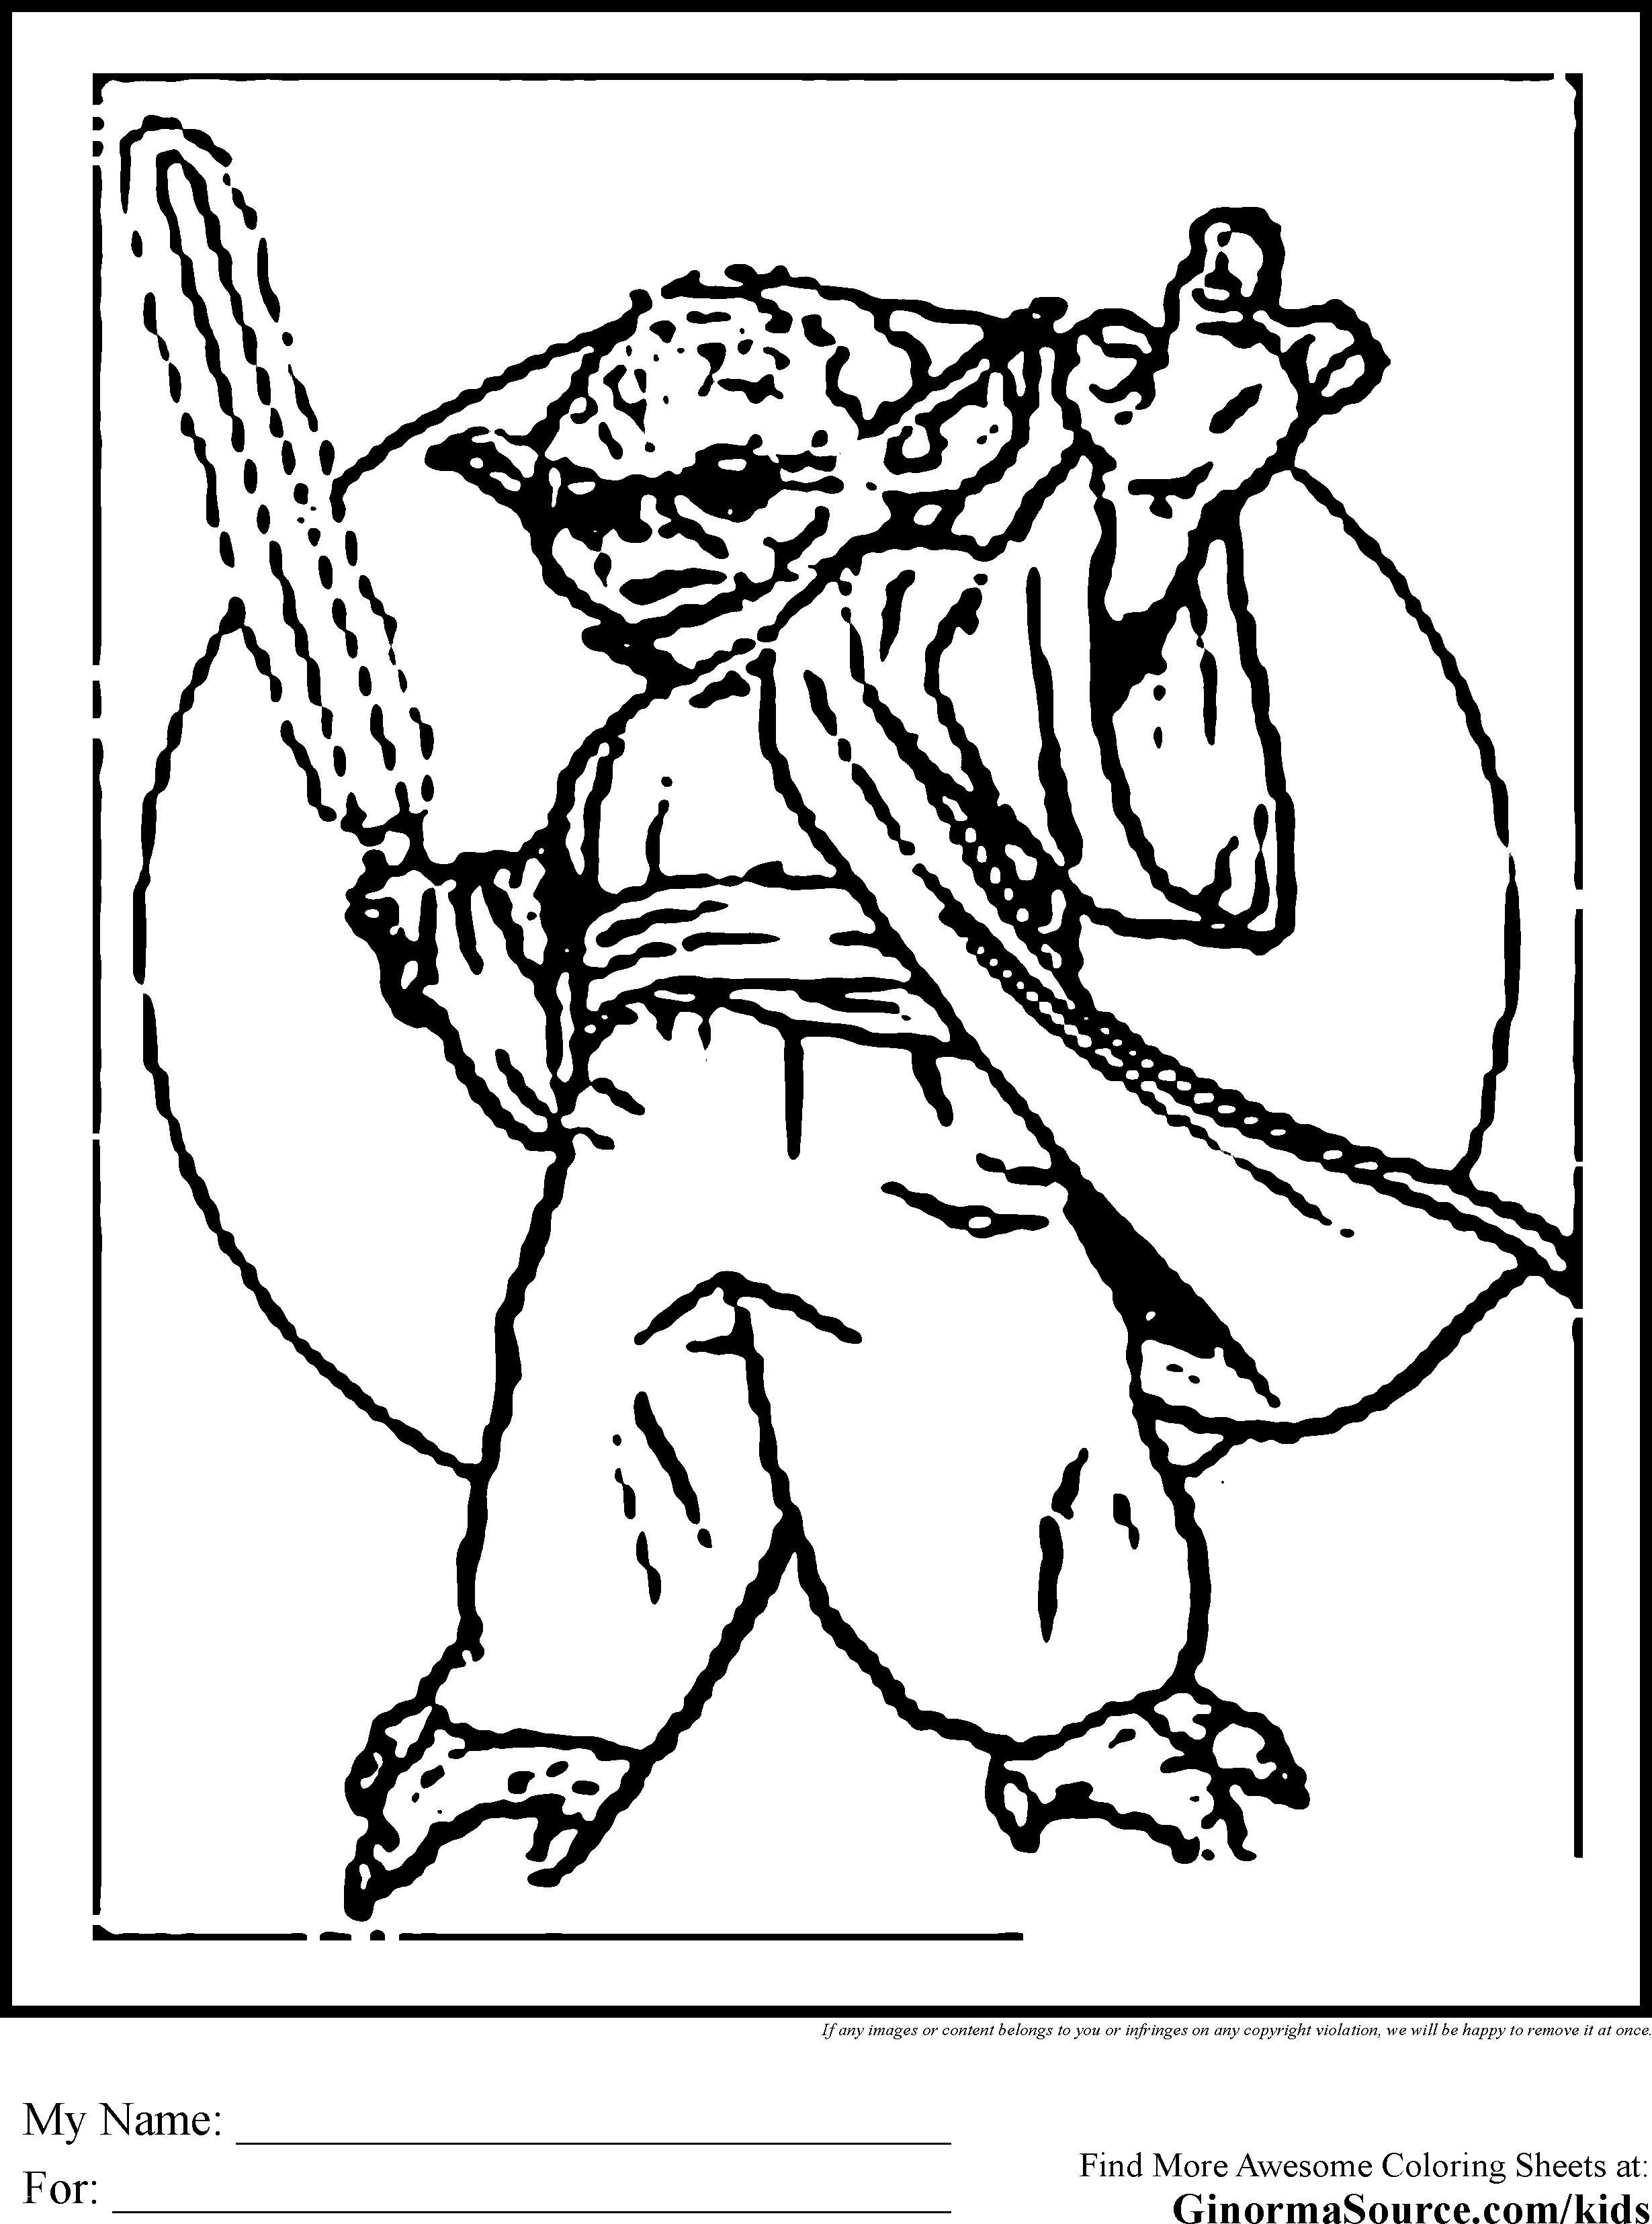 Star Wars Ausmalbilder Darth Maul Genial 50 Best Star Wars Malvorlagen Zum Ausdrucken Beste Malvorlage Sammlung